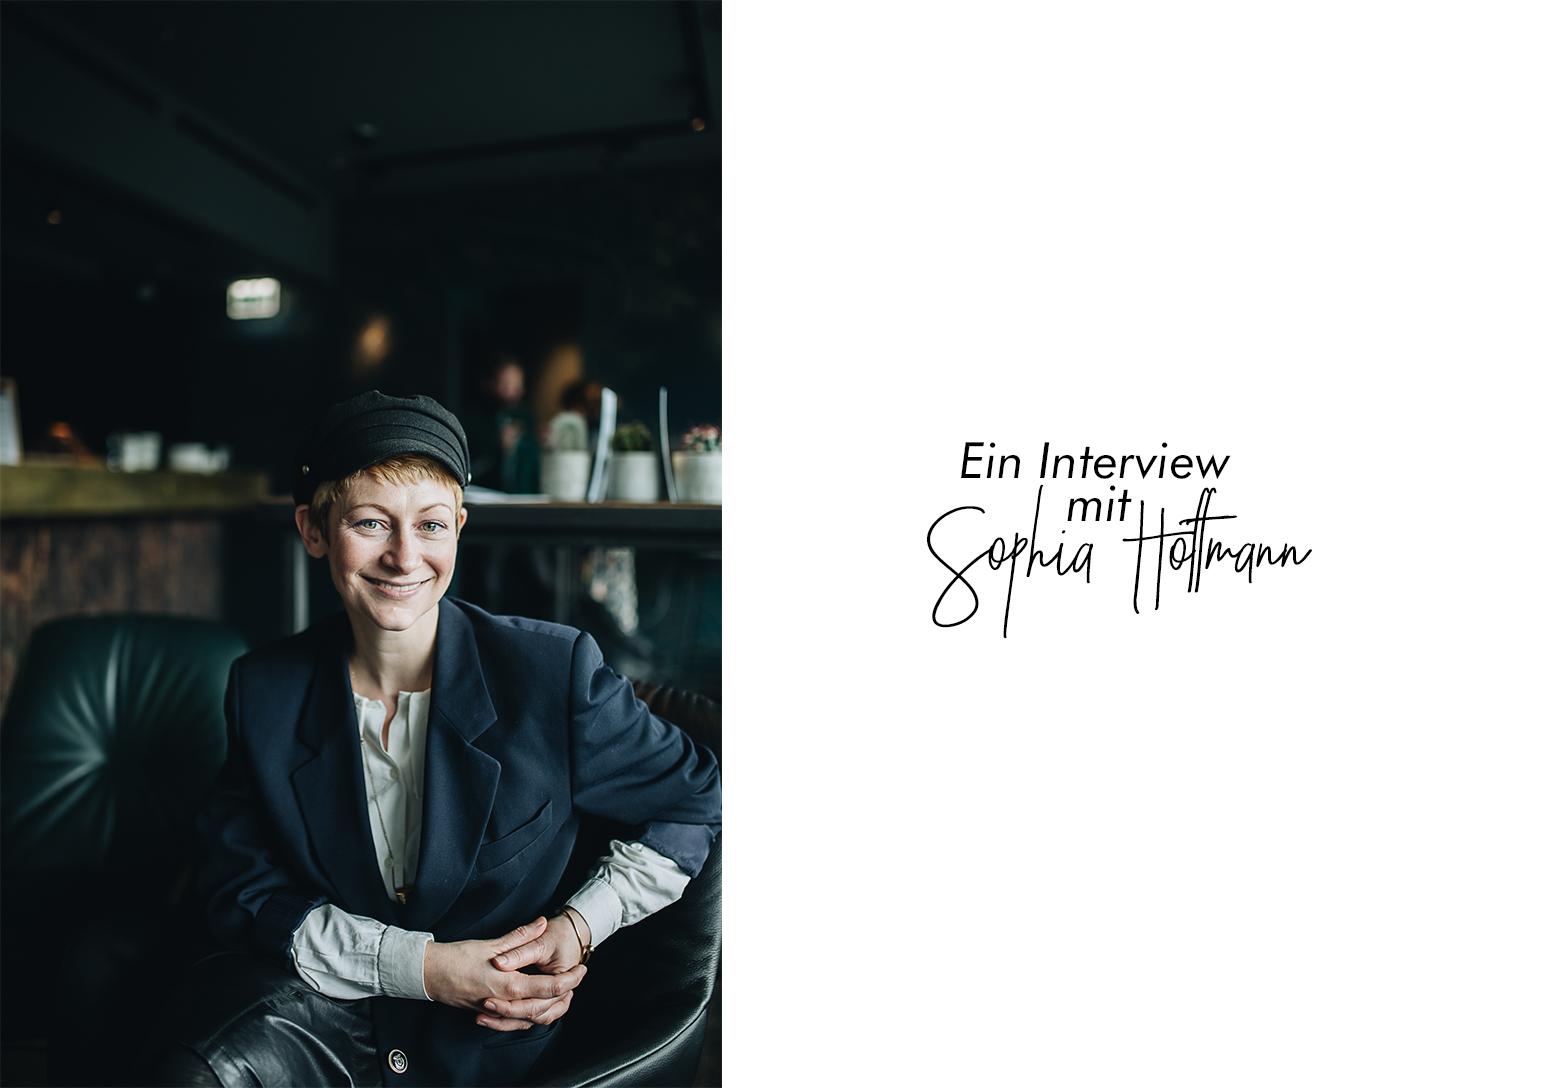 Ein Interview mit Sophia Hoffmann